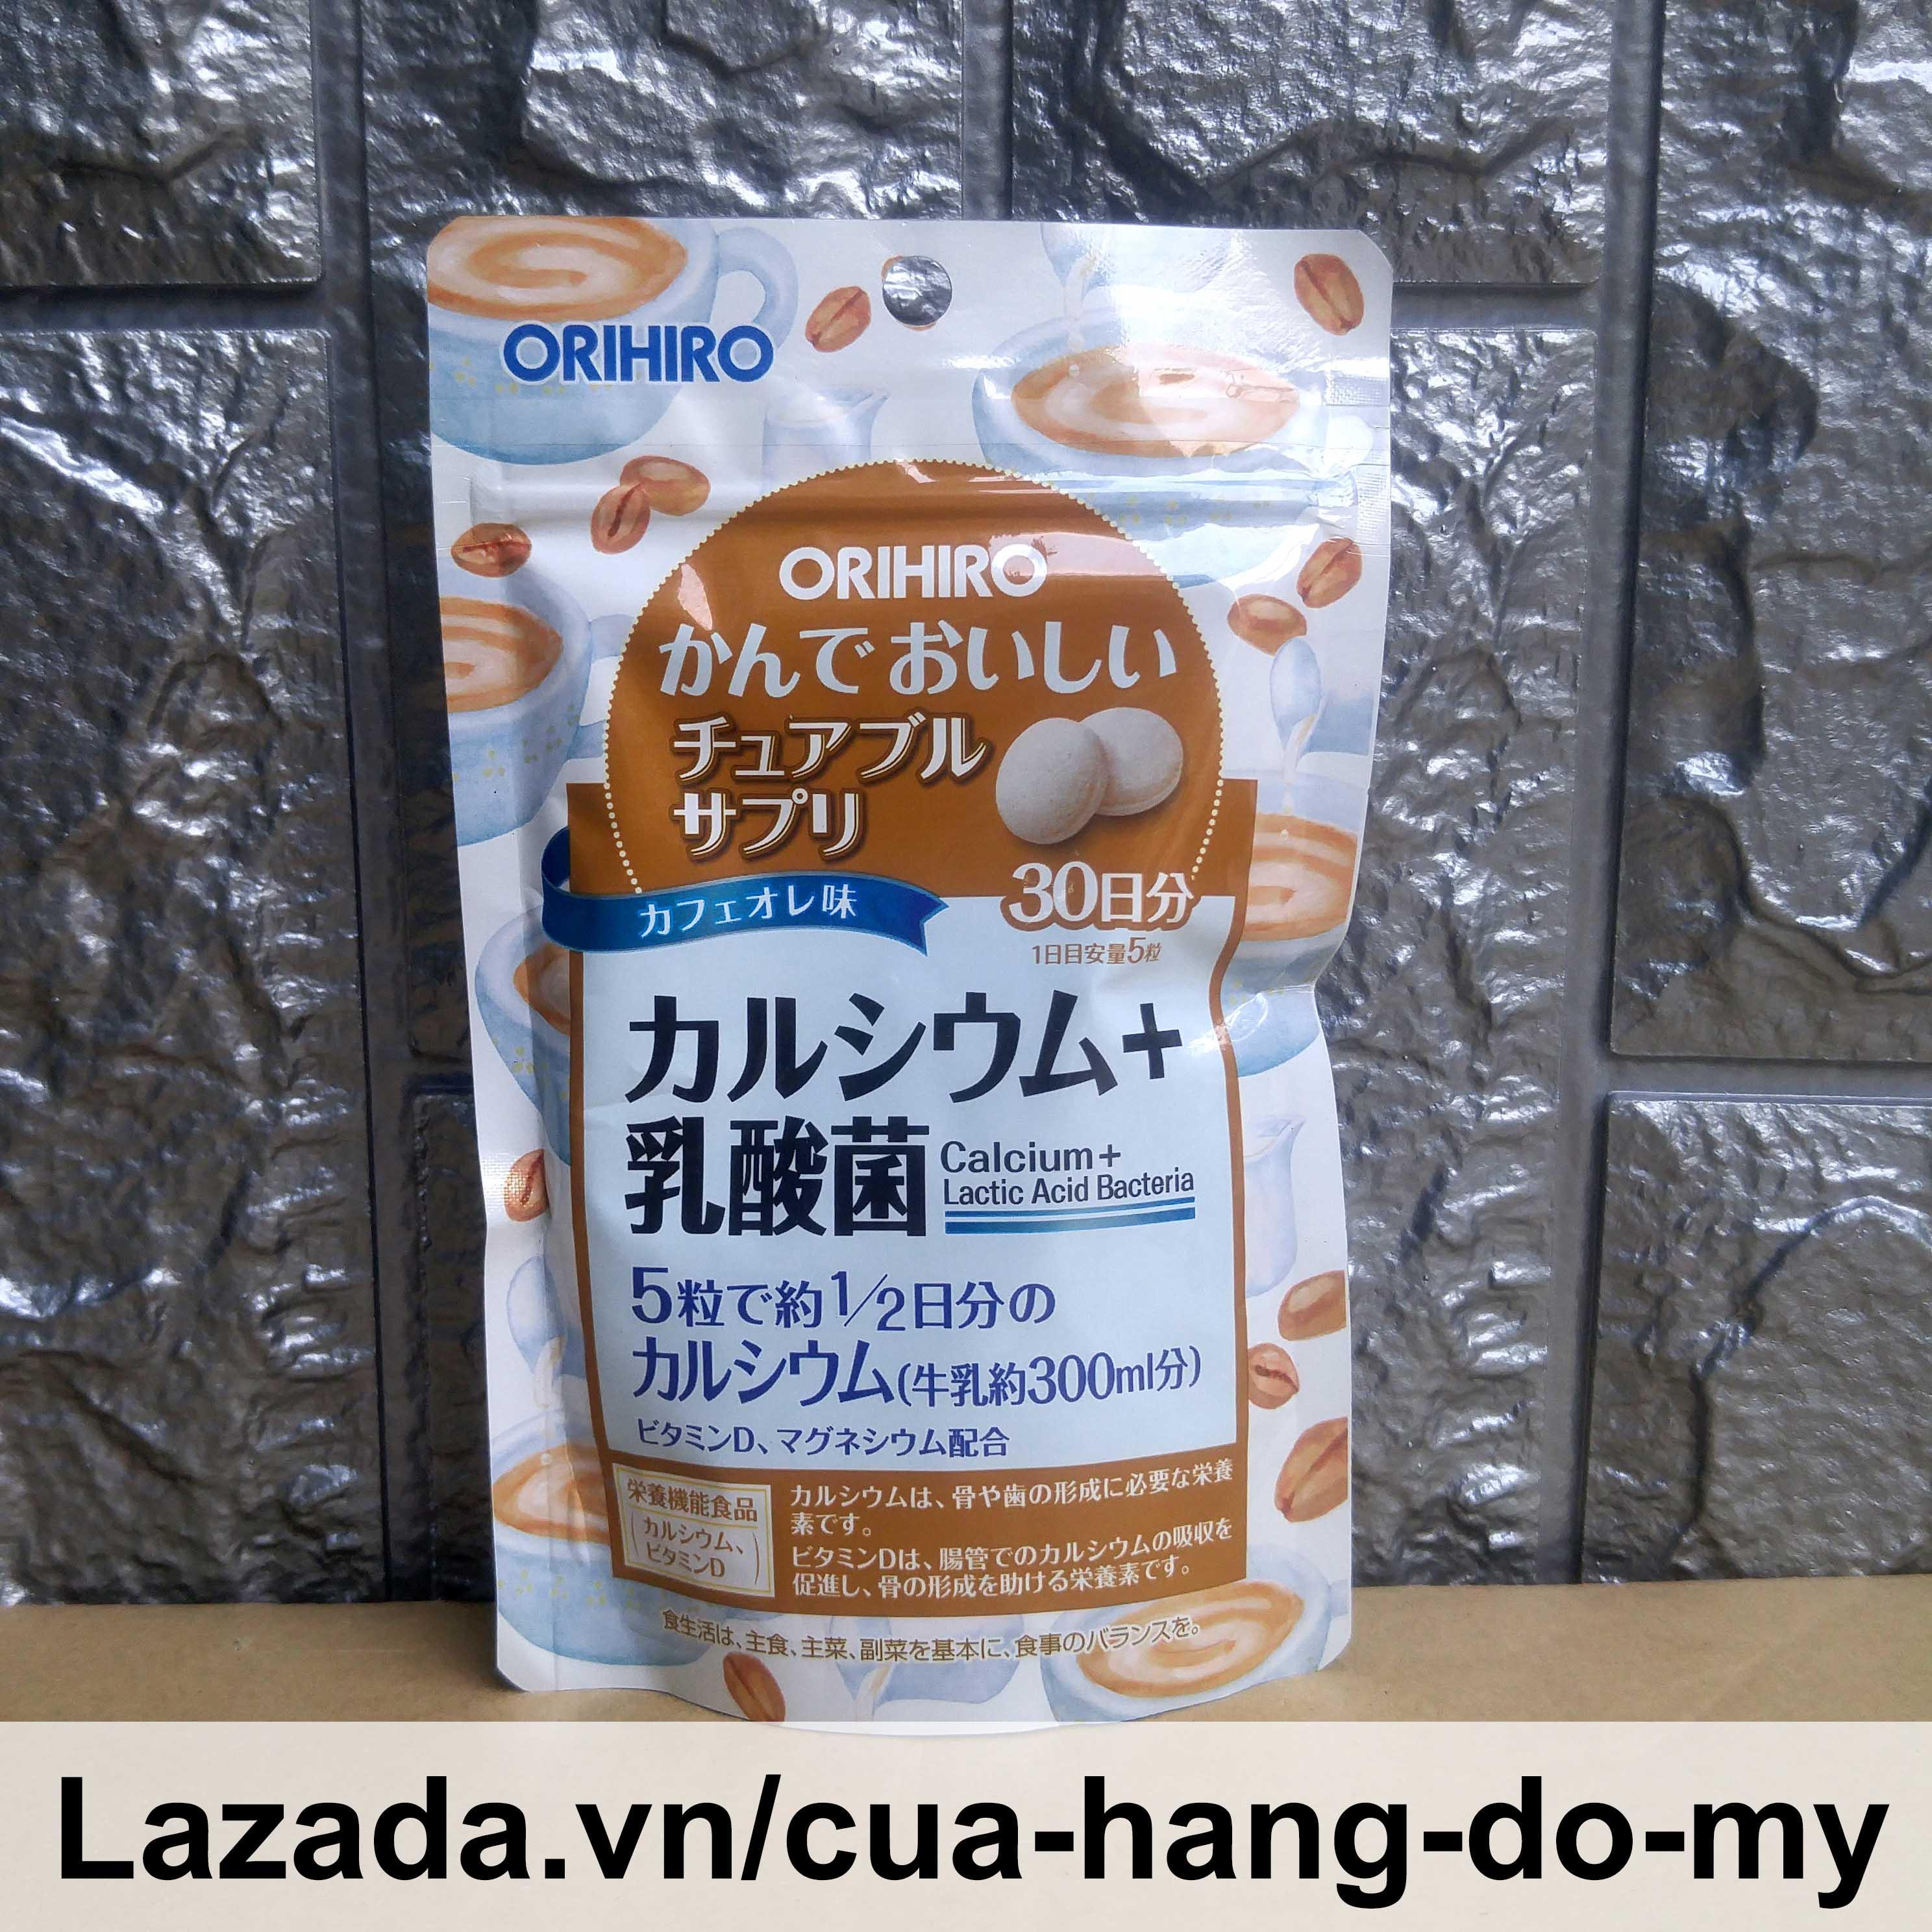 Kẹo ngậm bổ sung Canxi Và Lợi Khuẩn Orihiro 120 viên Calcium Lactic Acid Bacteria - Kẹo nhai hương cà phê bổ sung vi chất cao cấp